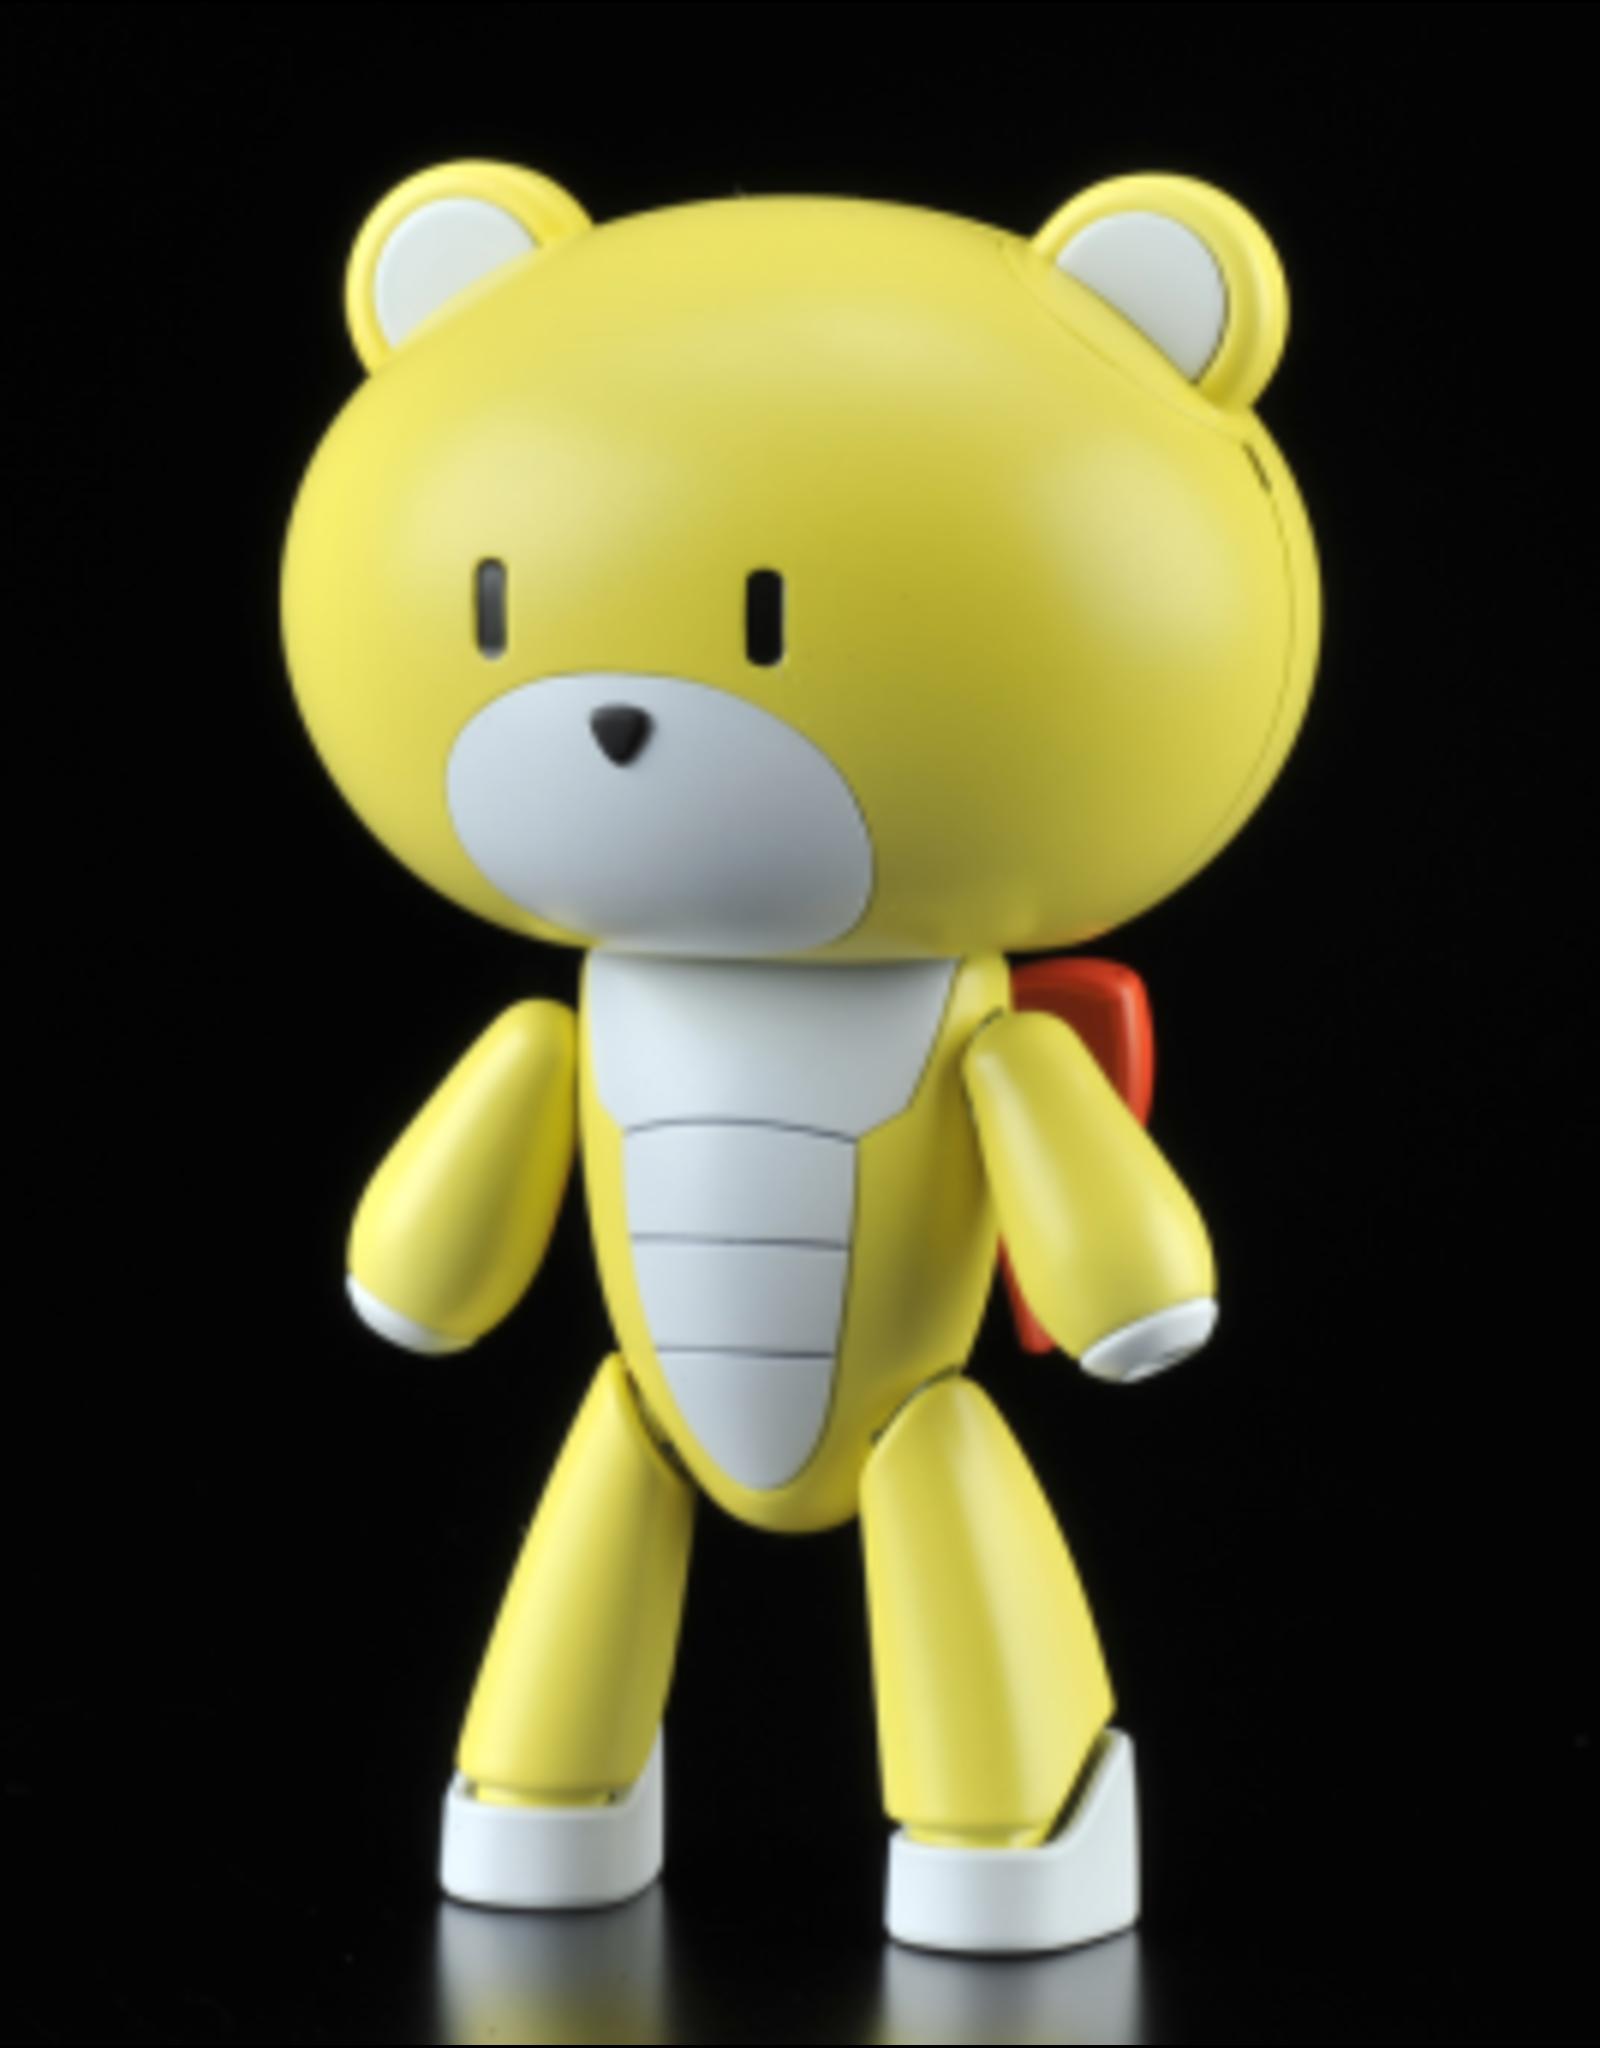 Bandai PETIT'GGUY Model Kit HGPG 1/144 8cm - Winning Yellow